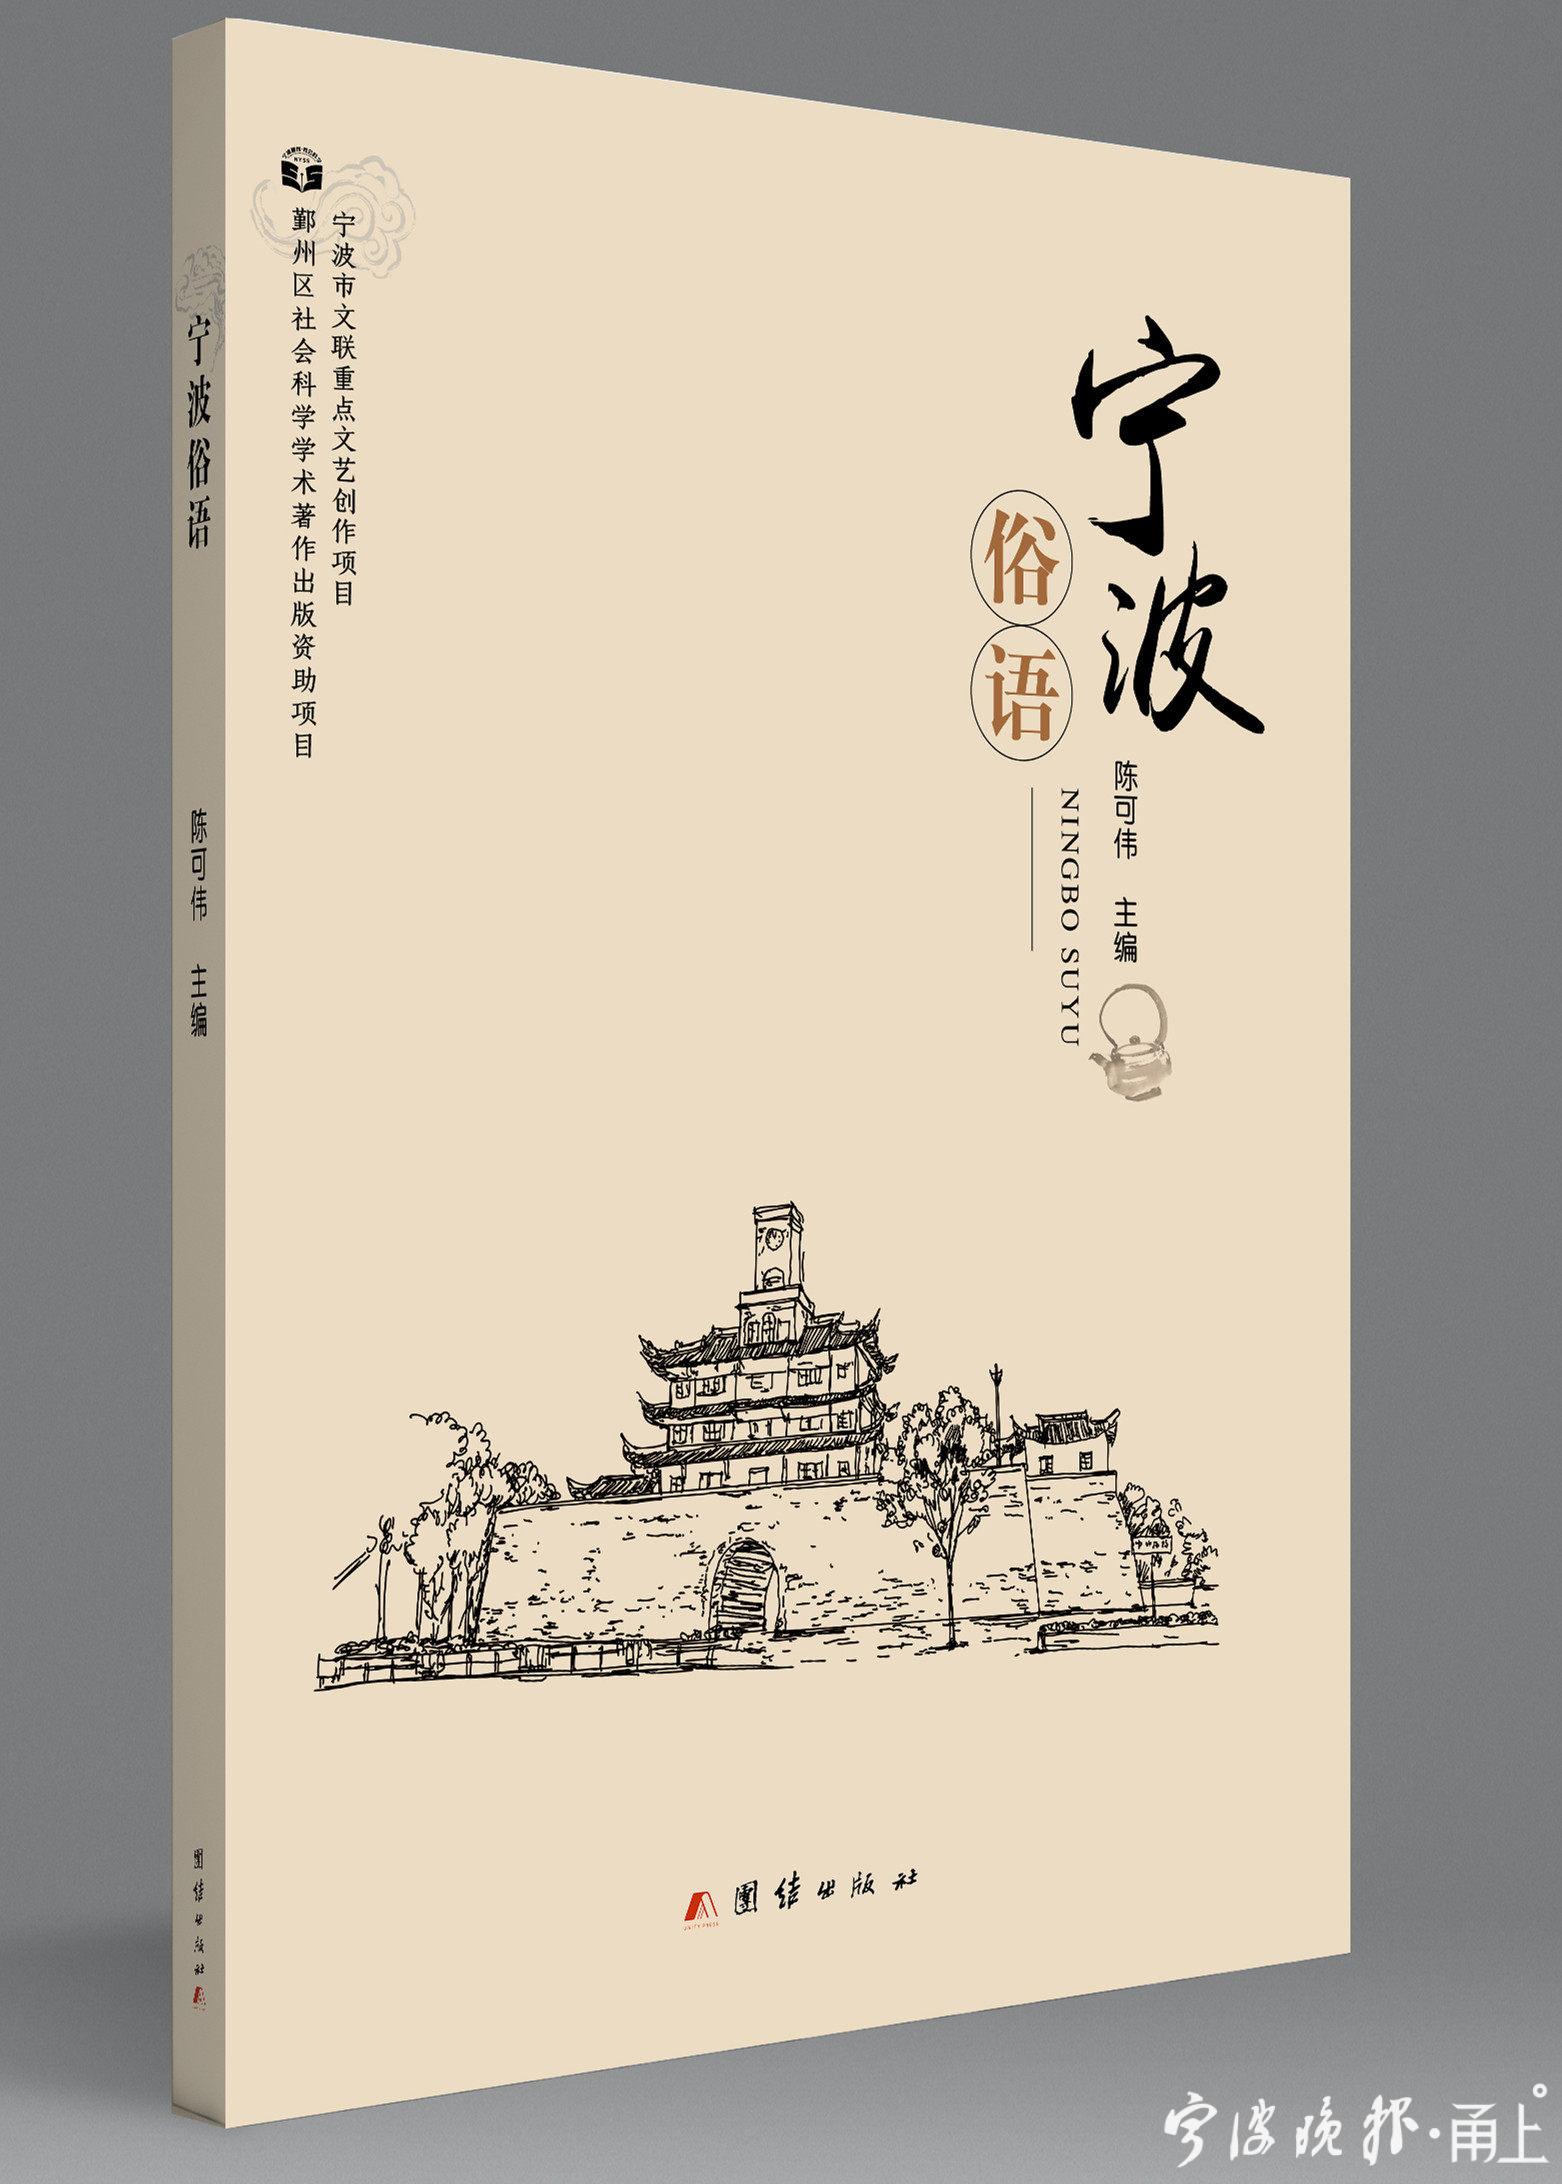 《宁波俗语》封面.JPG